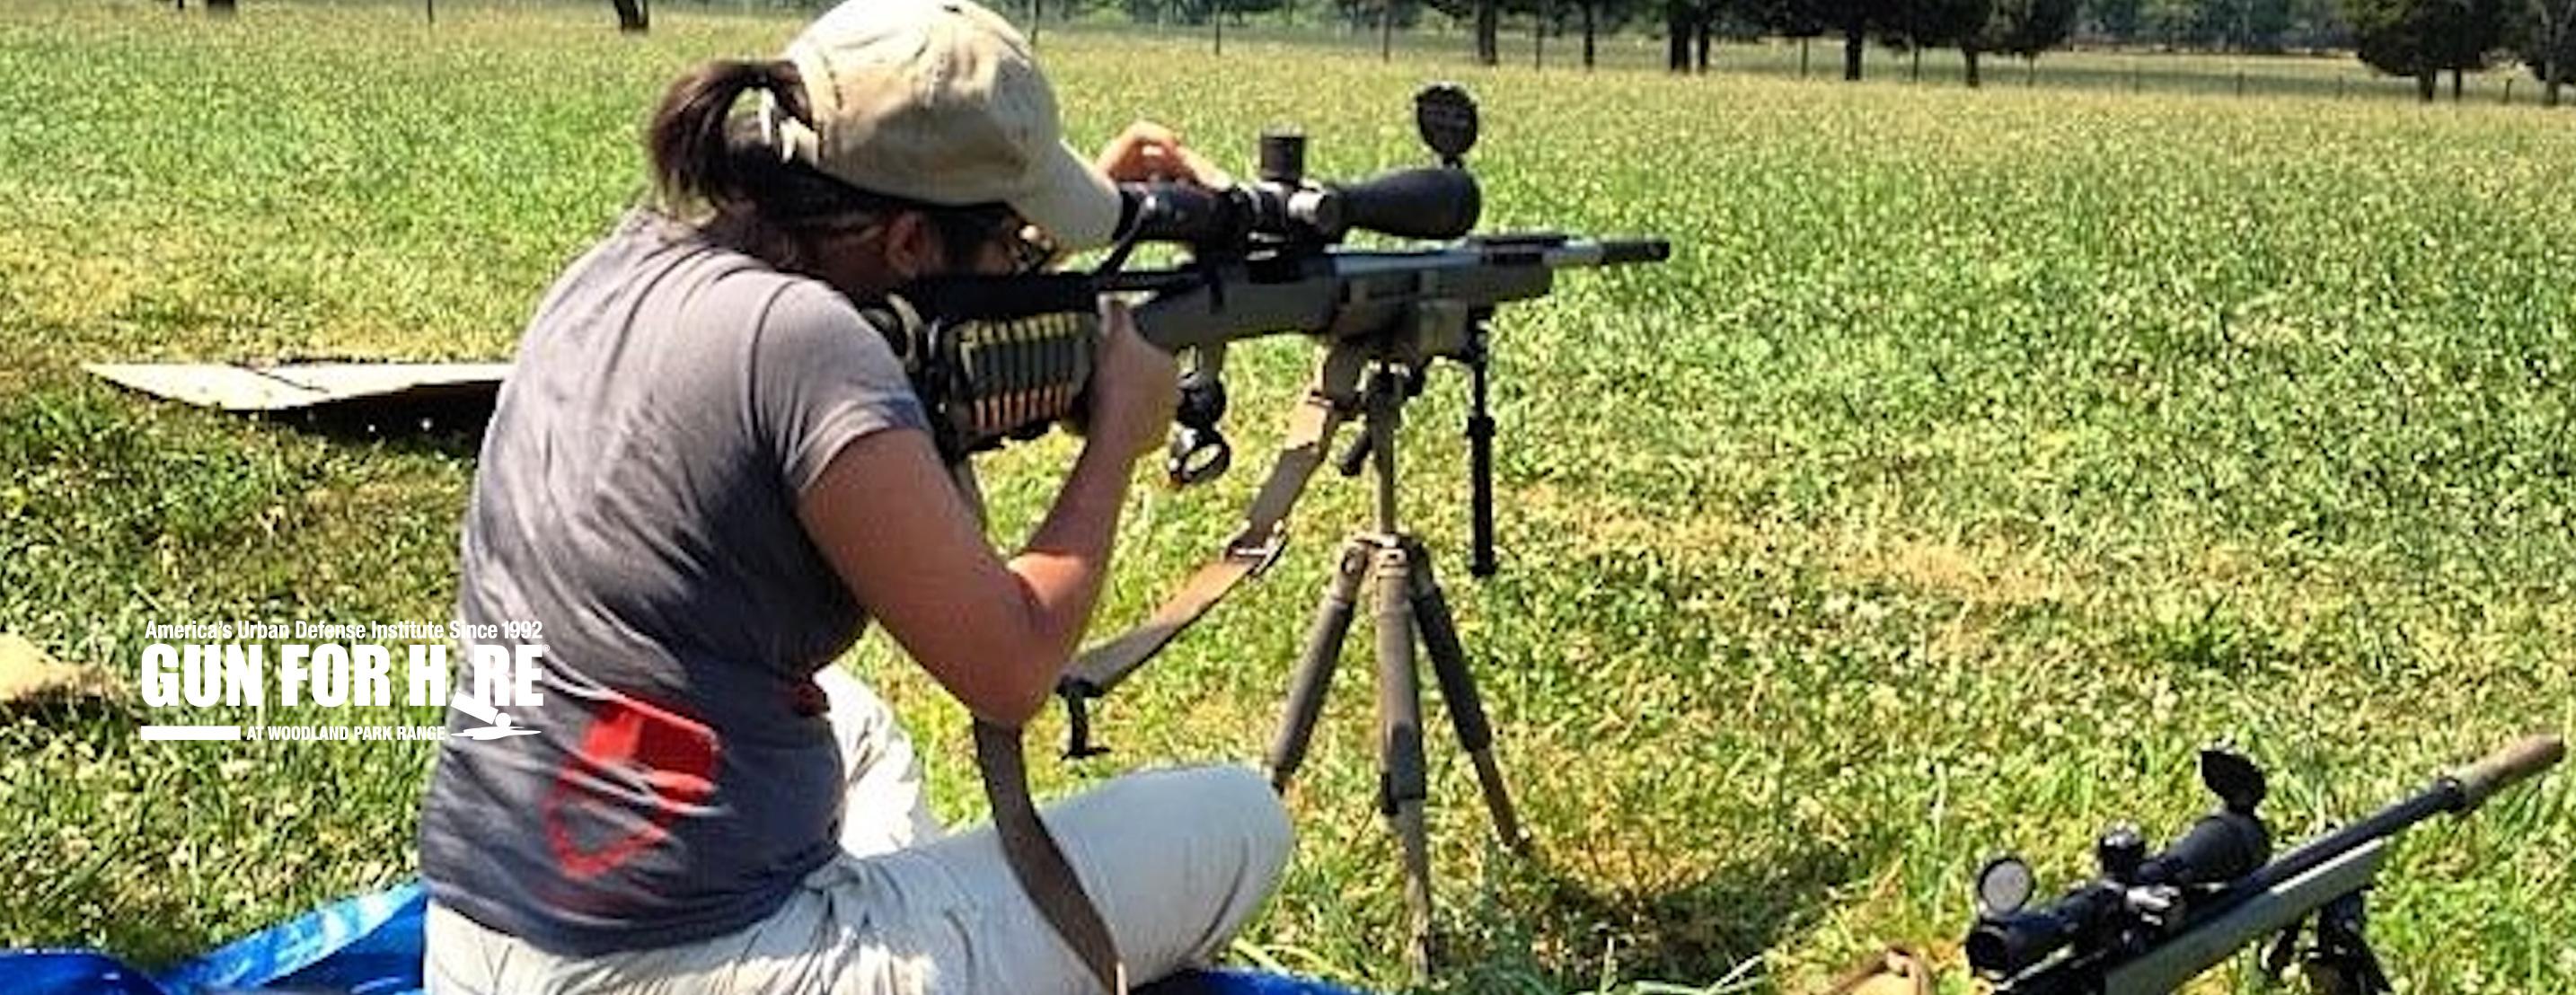 Sniper 2 - Urban Precision Rifle 1